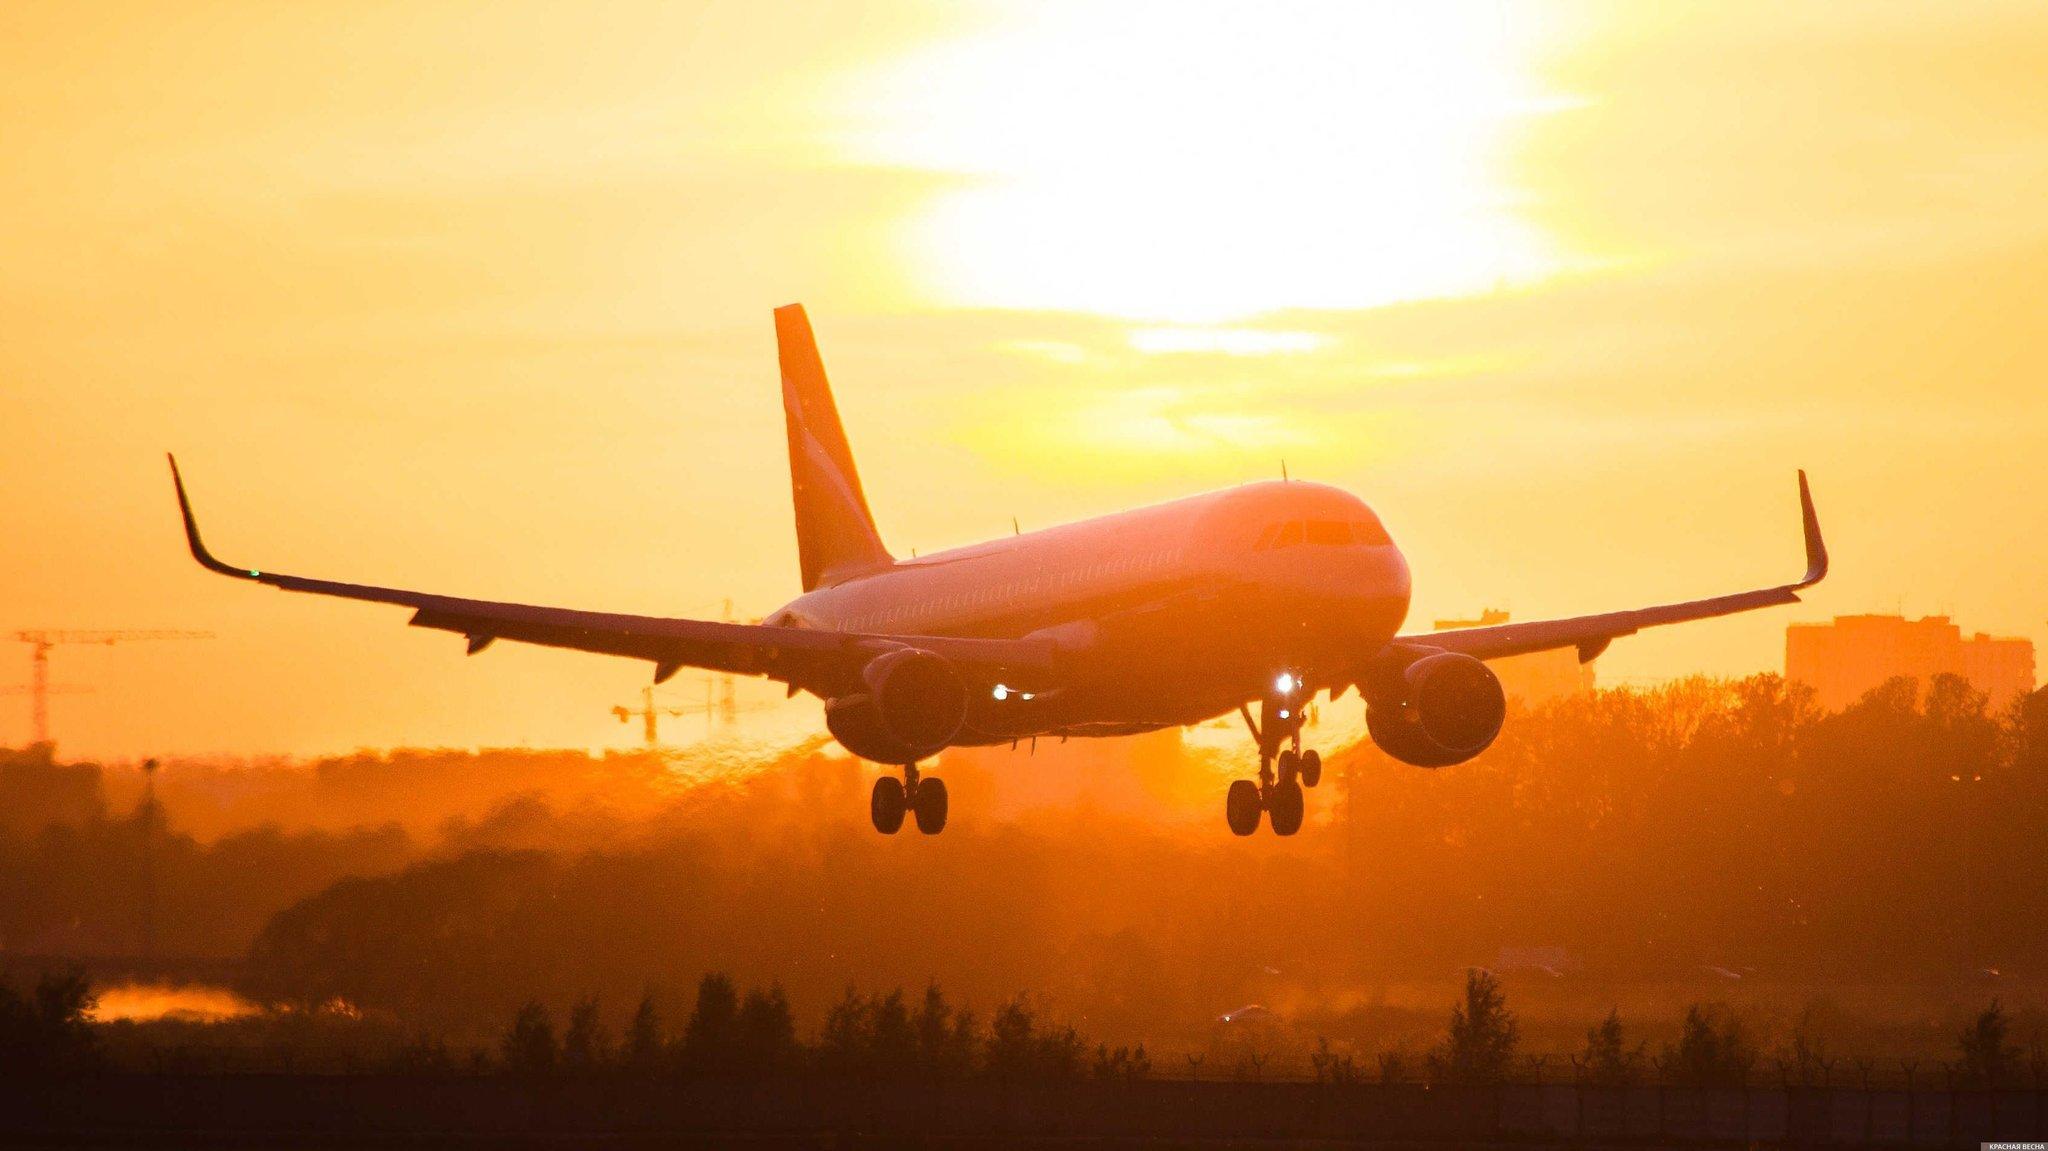 Руководитель  Минтранса объявил  о обновлении  полётов вКаир кконцу зимы